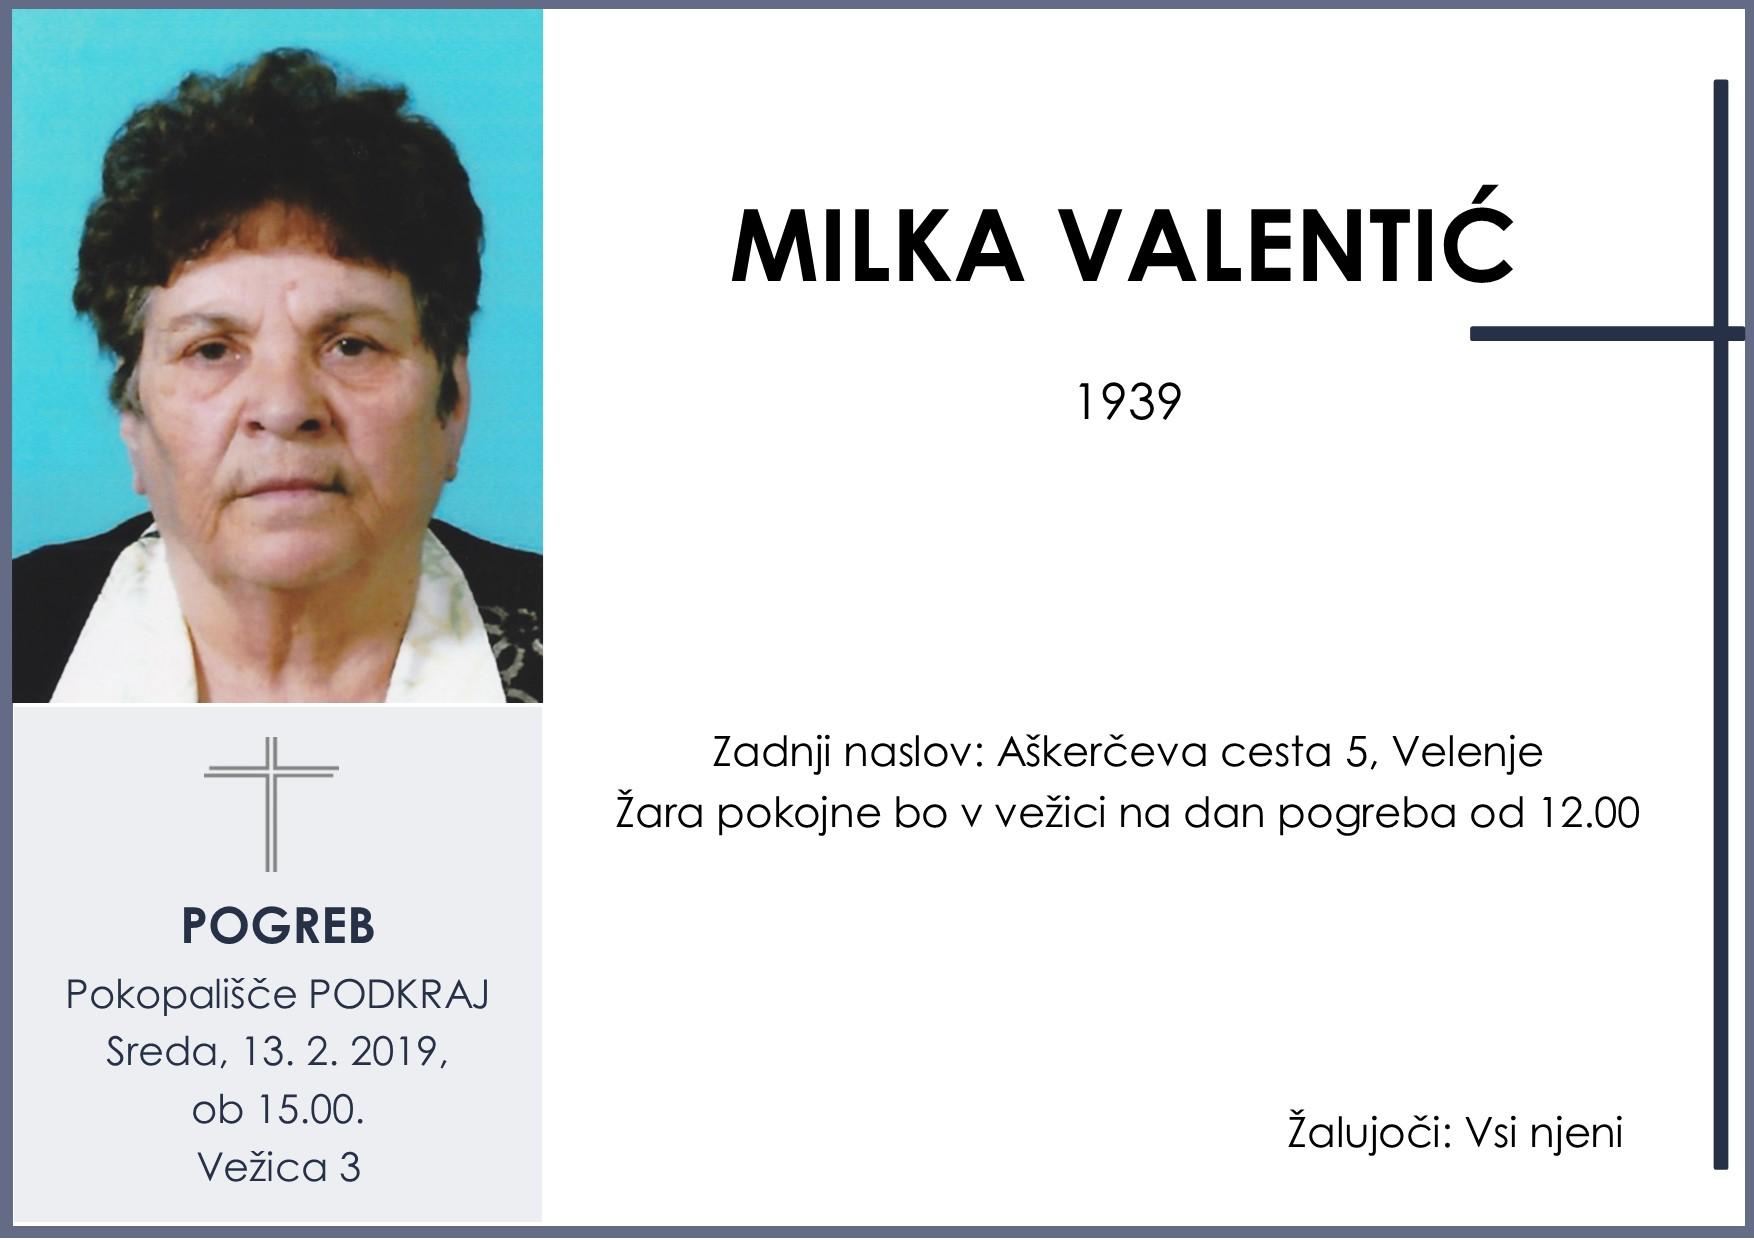 MILKA VALENTIĆ, Podkraj, 13. 02. 2019